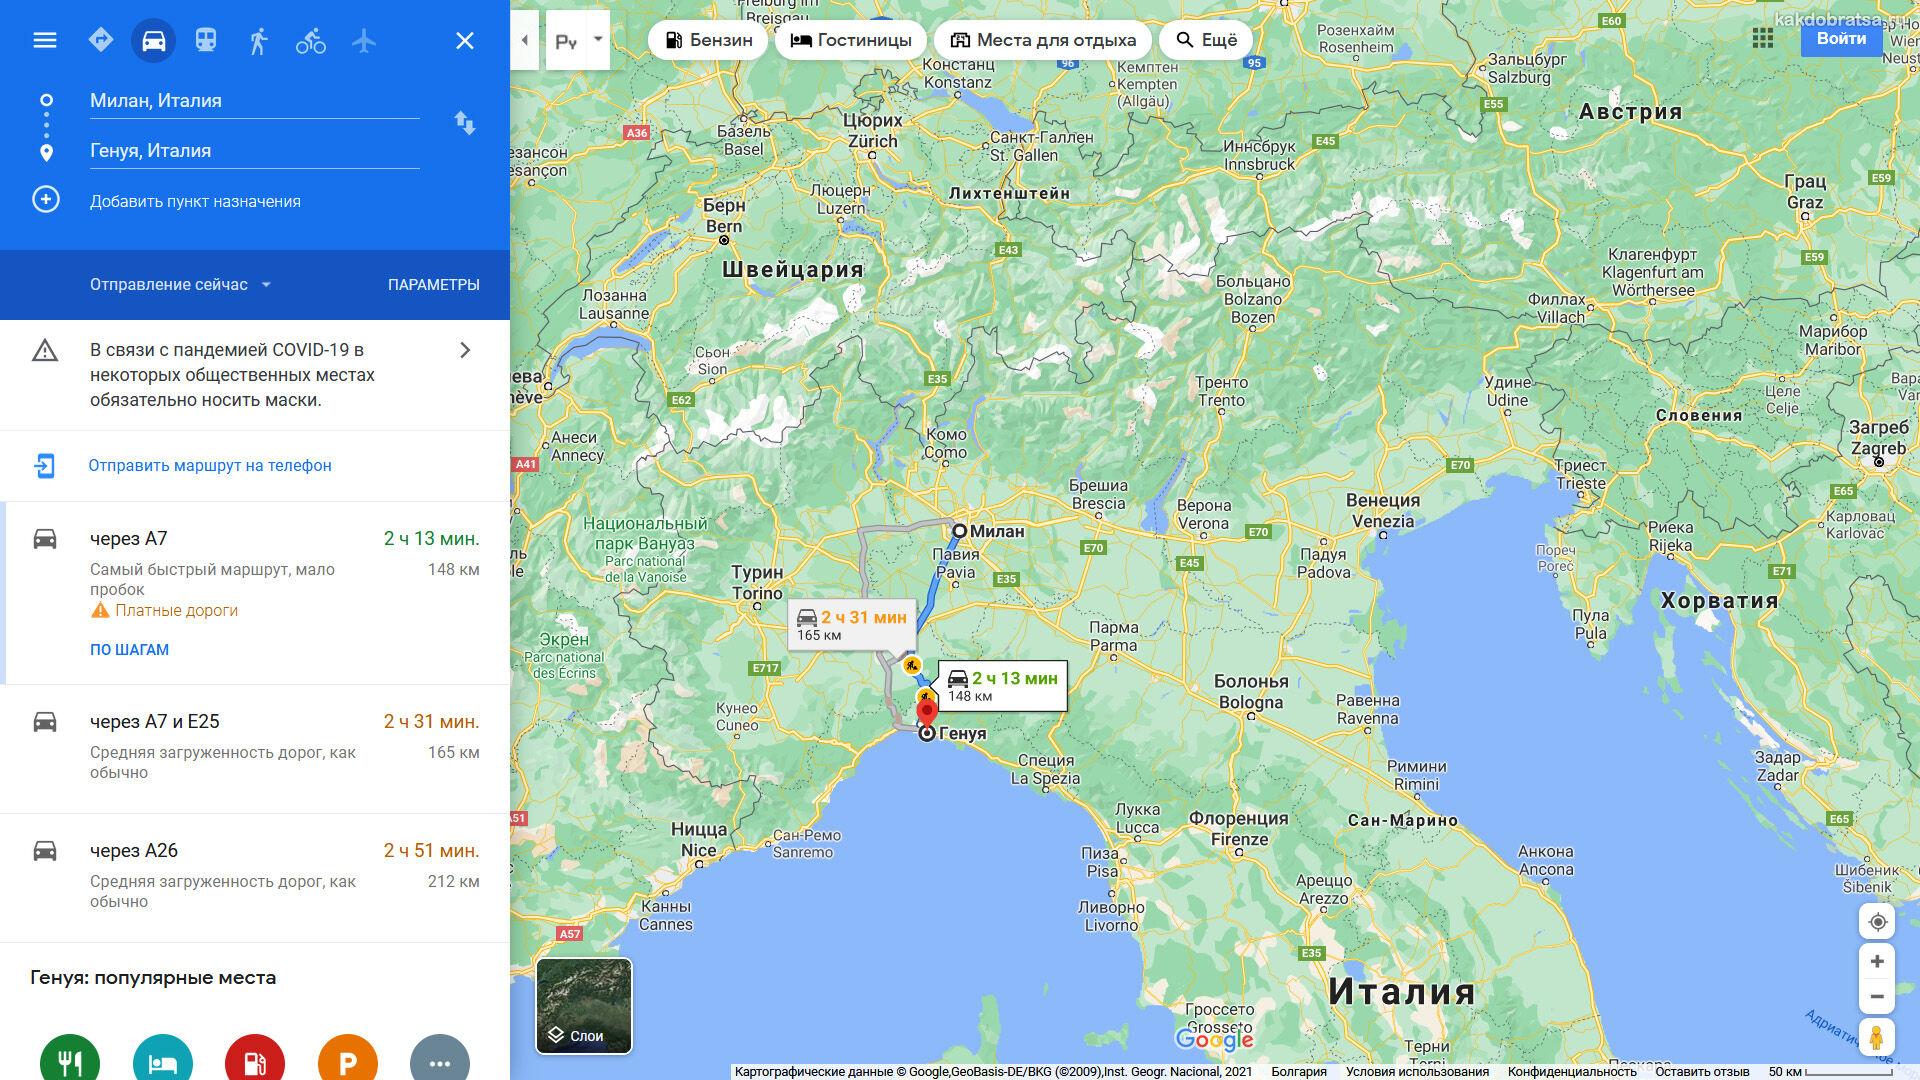 Расстояние между Миланом и Генуей по карте